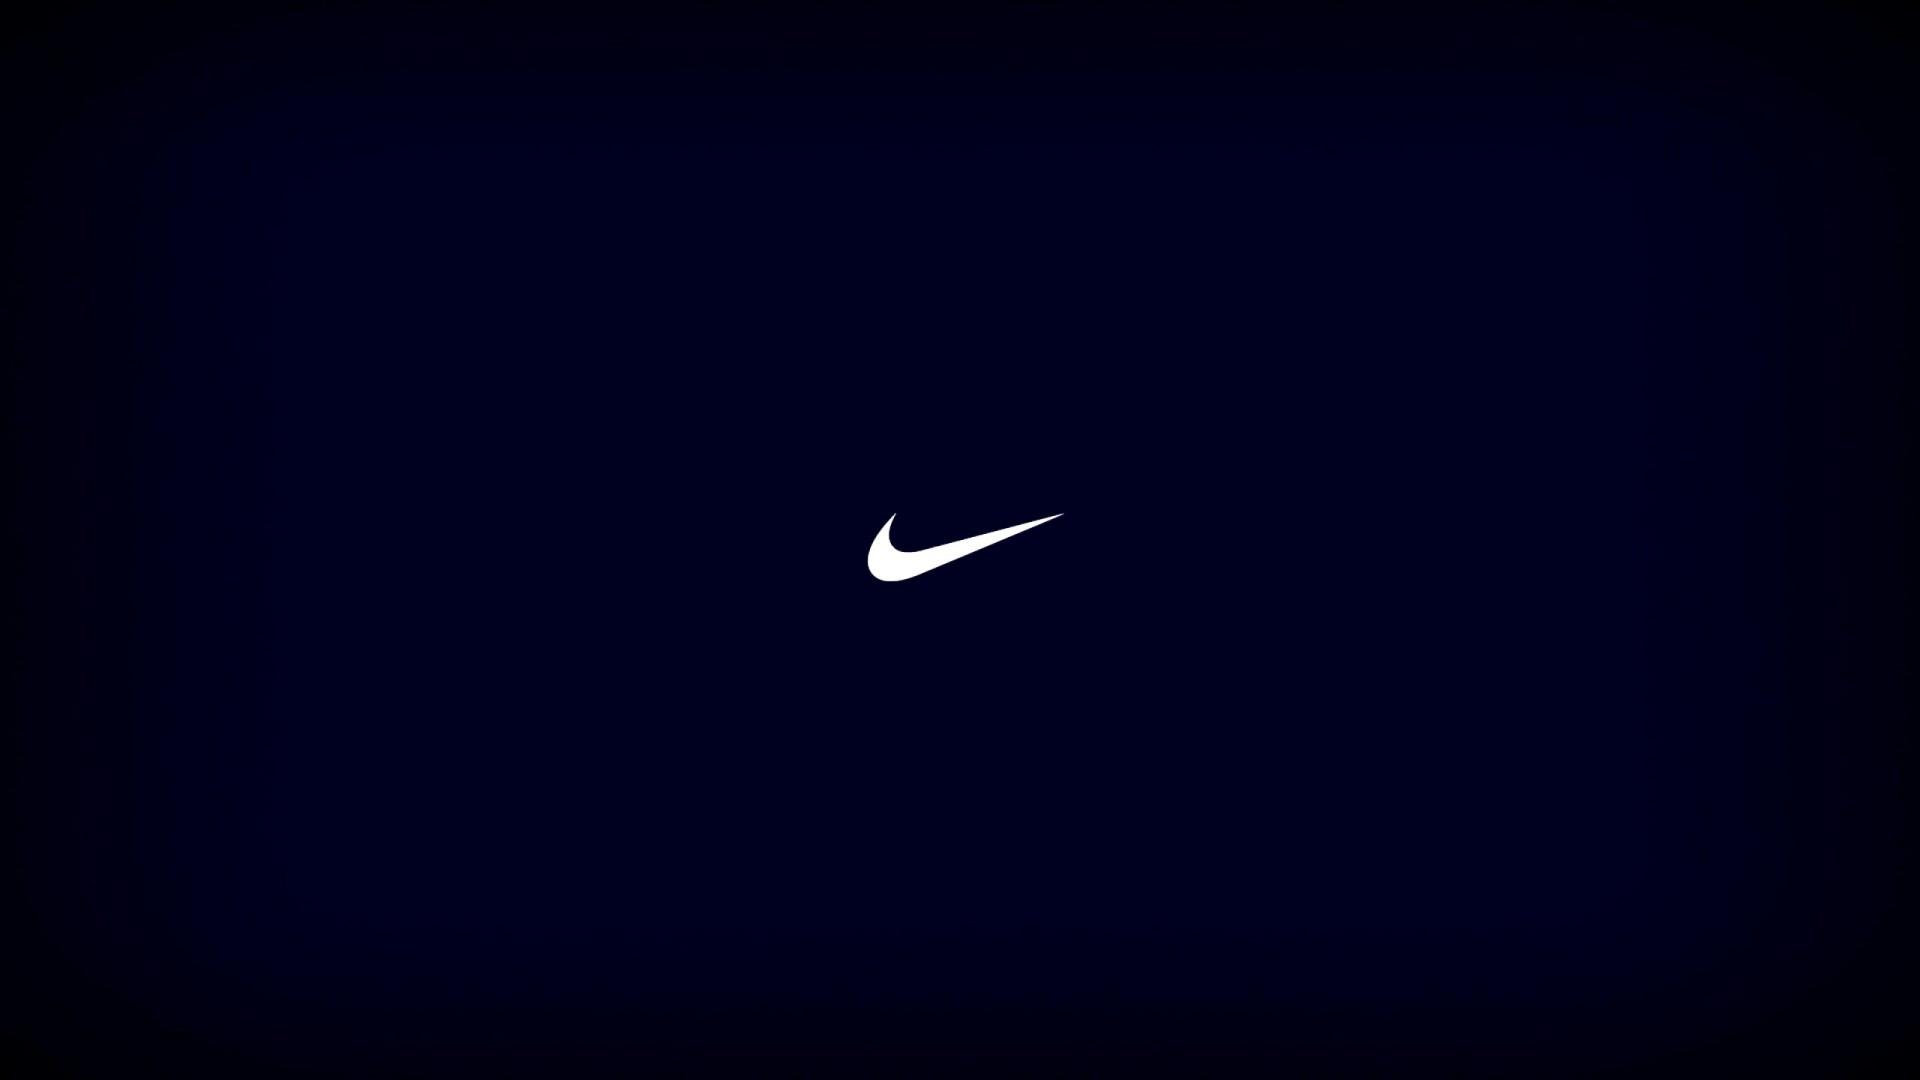 Nike Ipad Wallpaper: Nike Wallpapers For Desktop ·① WallpaperTag